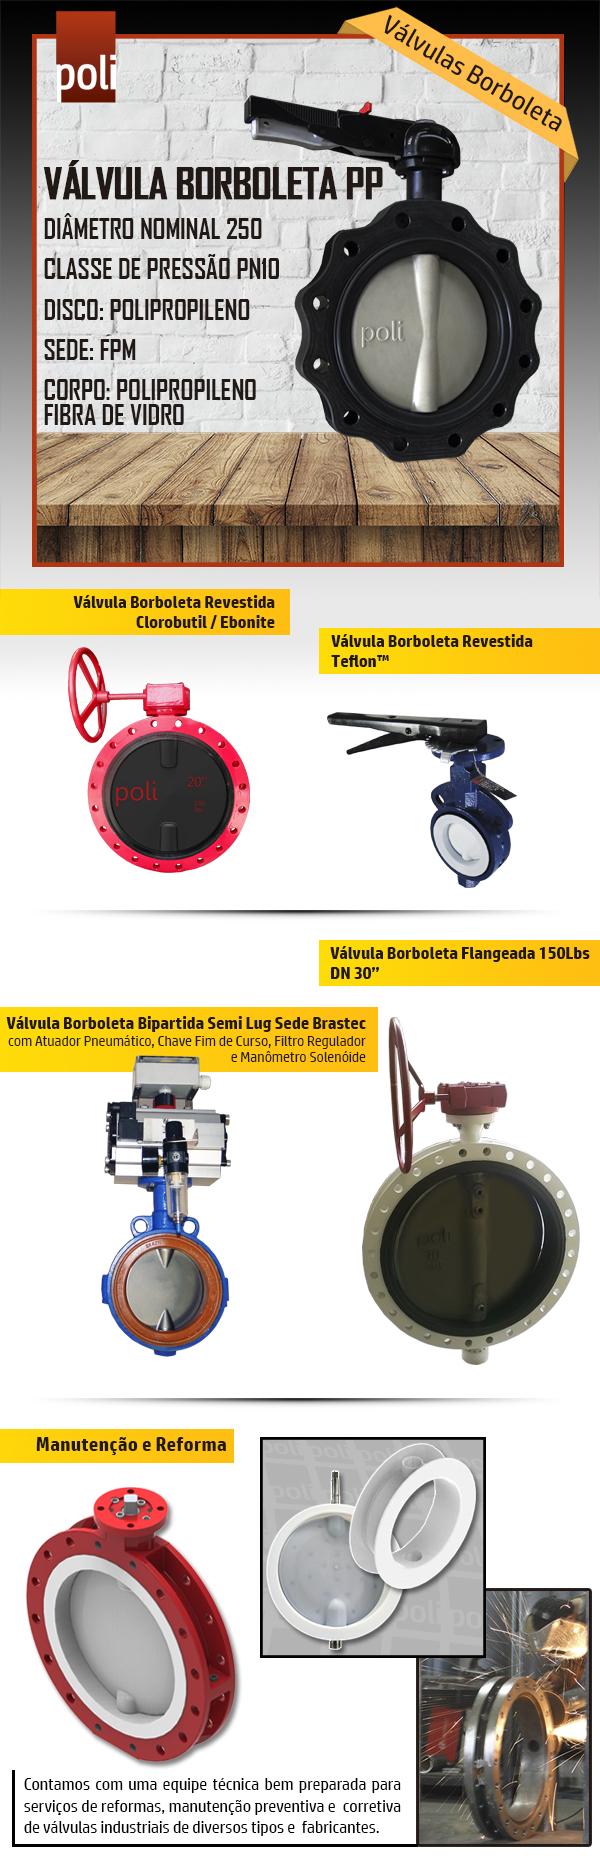 Válvulas Borboleta para diversas aplicações. Consulte-nos!